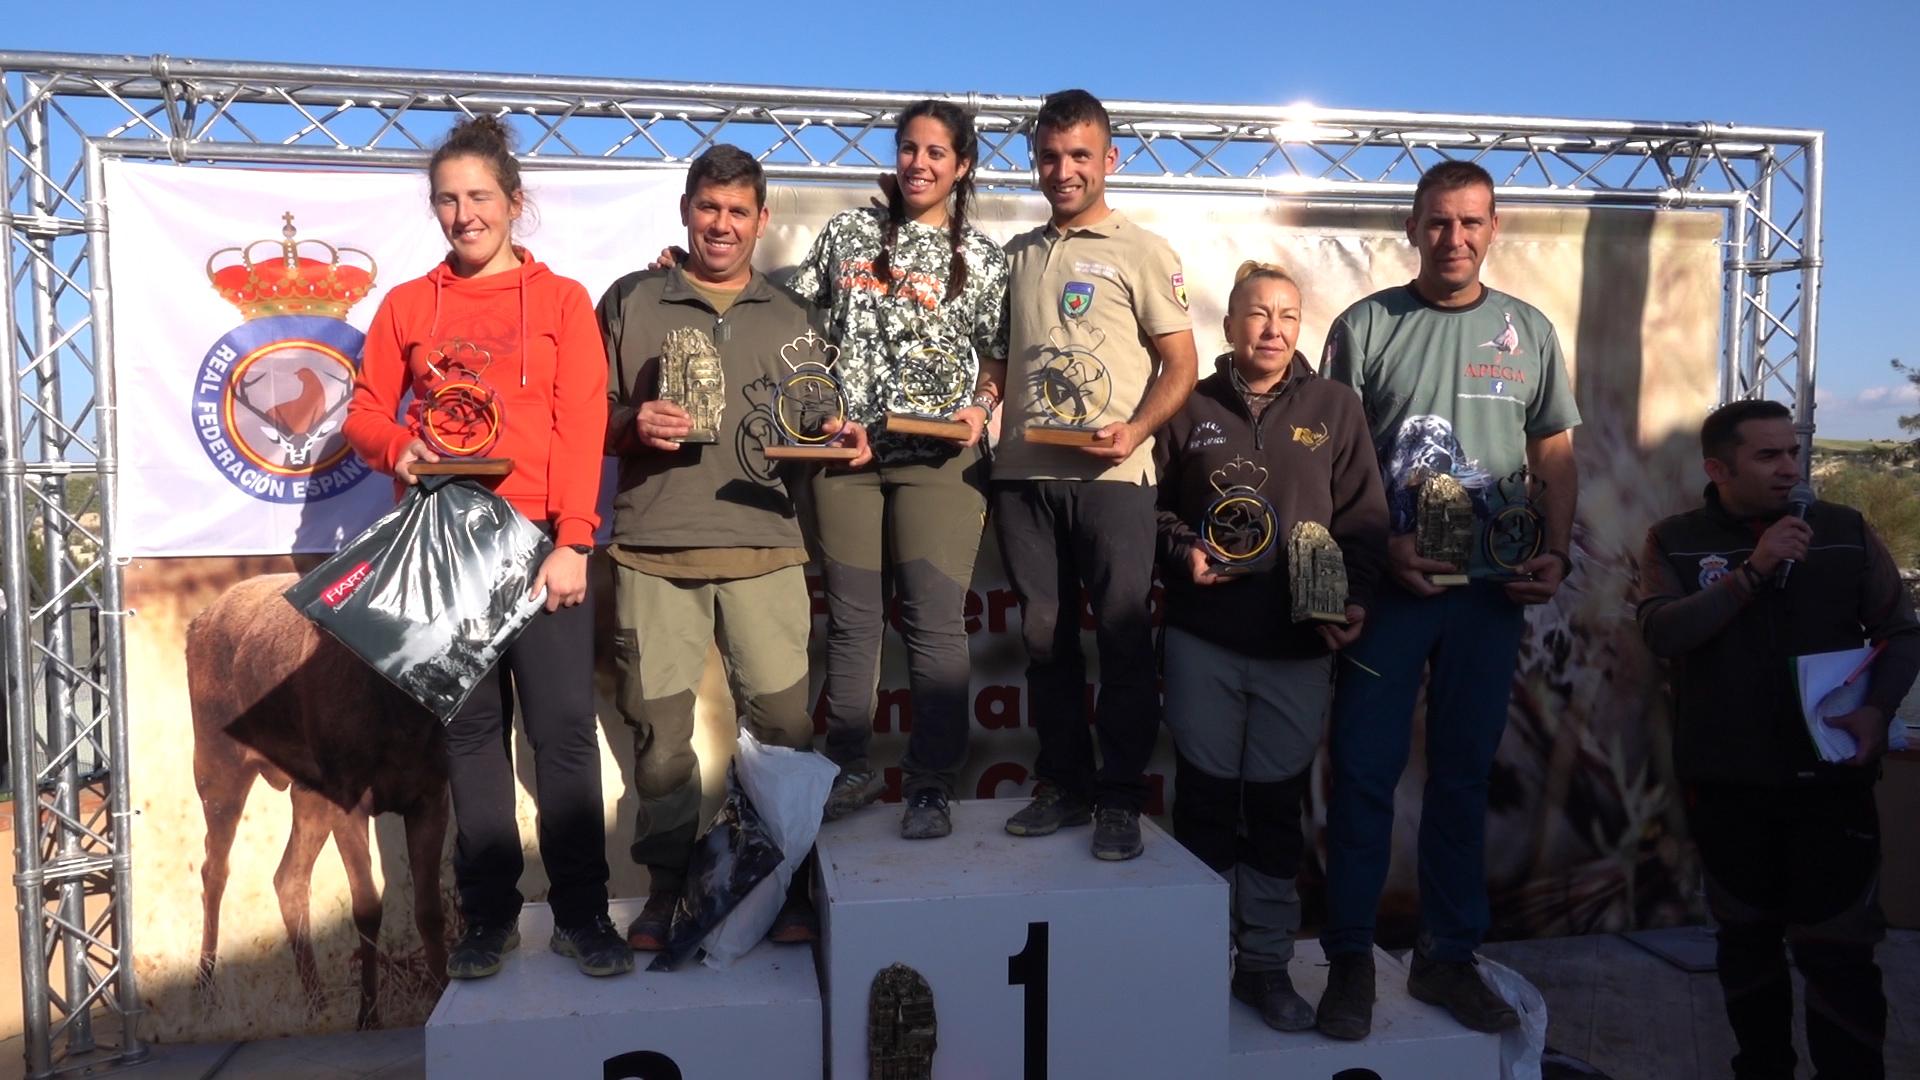 Campeonato de España de caza meor con Perro, Osuna (Sevilla) 2019